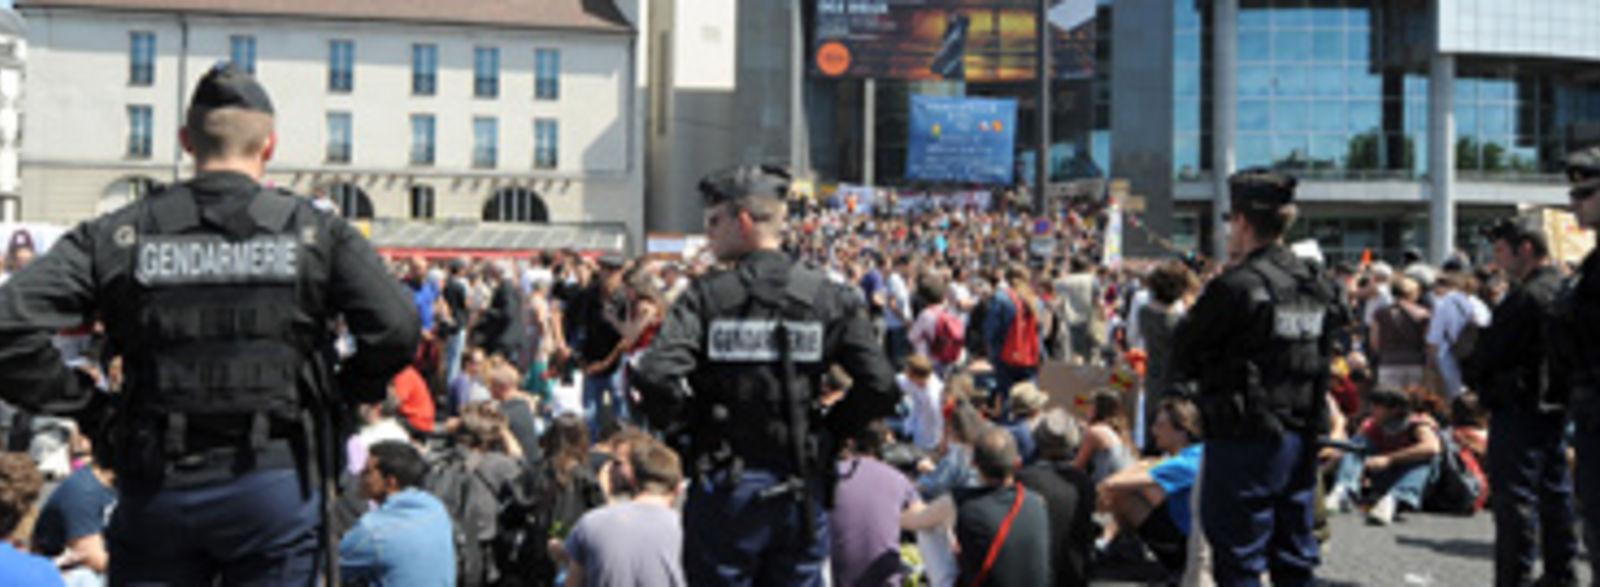 La police expulse les «Indignados» parisiens